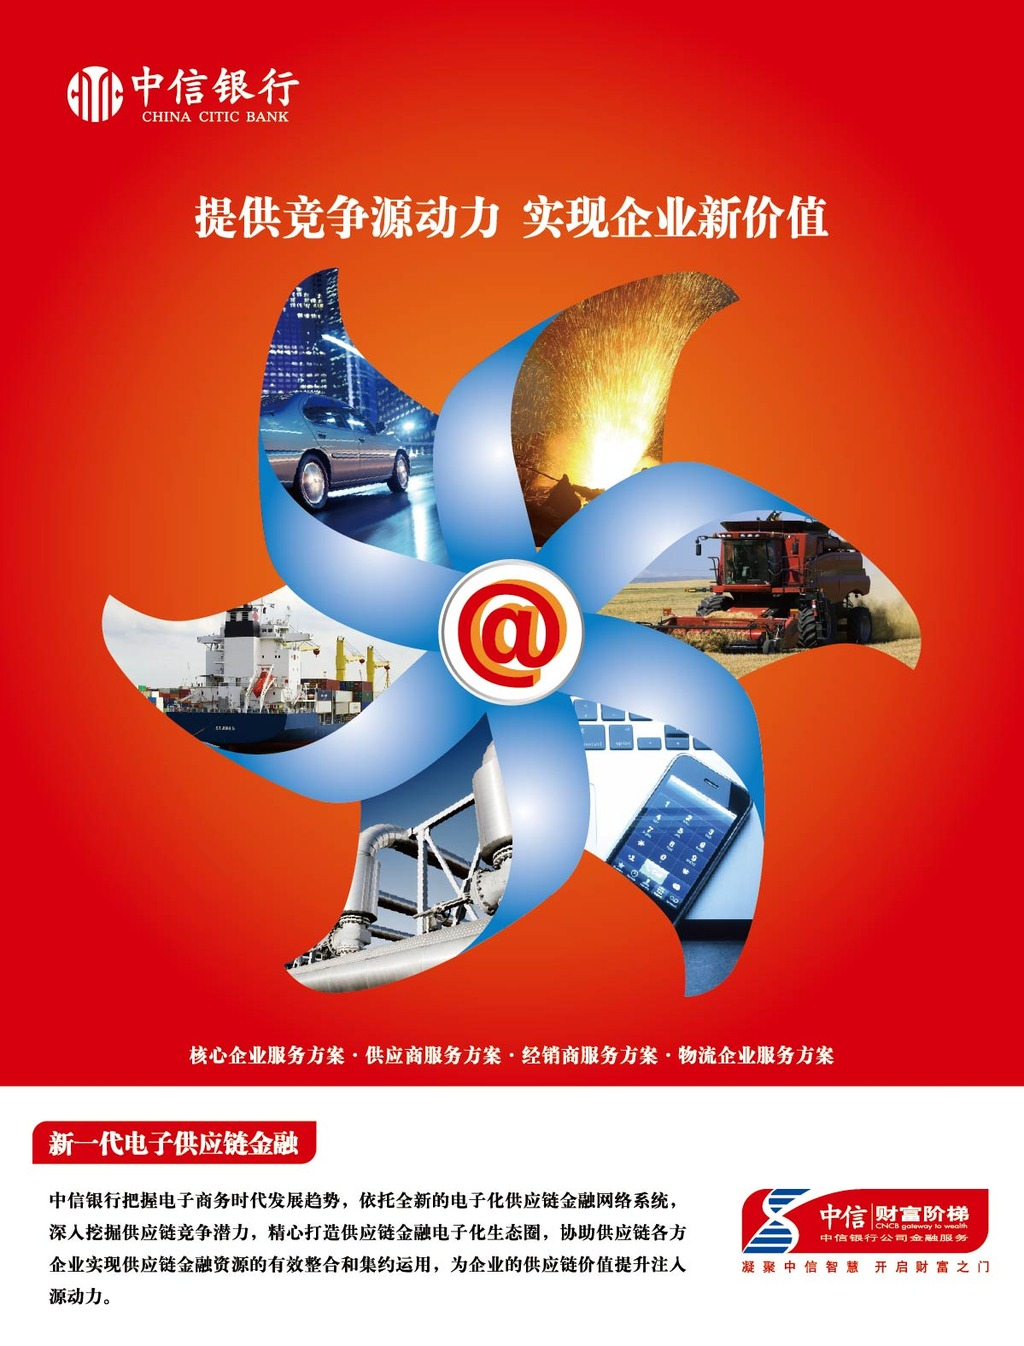 中信银行竞争源动力实现企业新价值海报设计